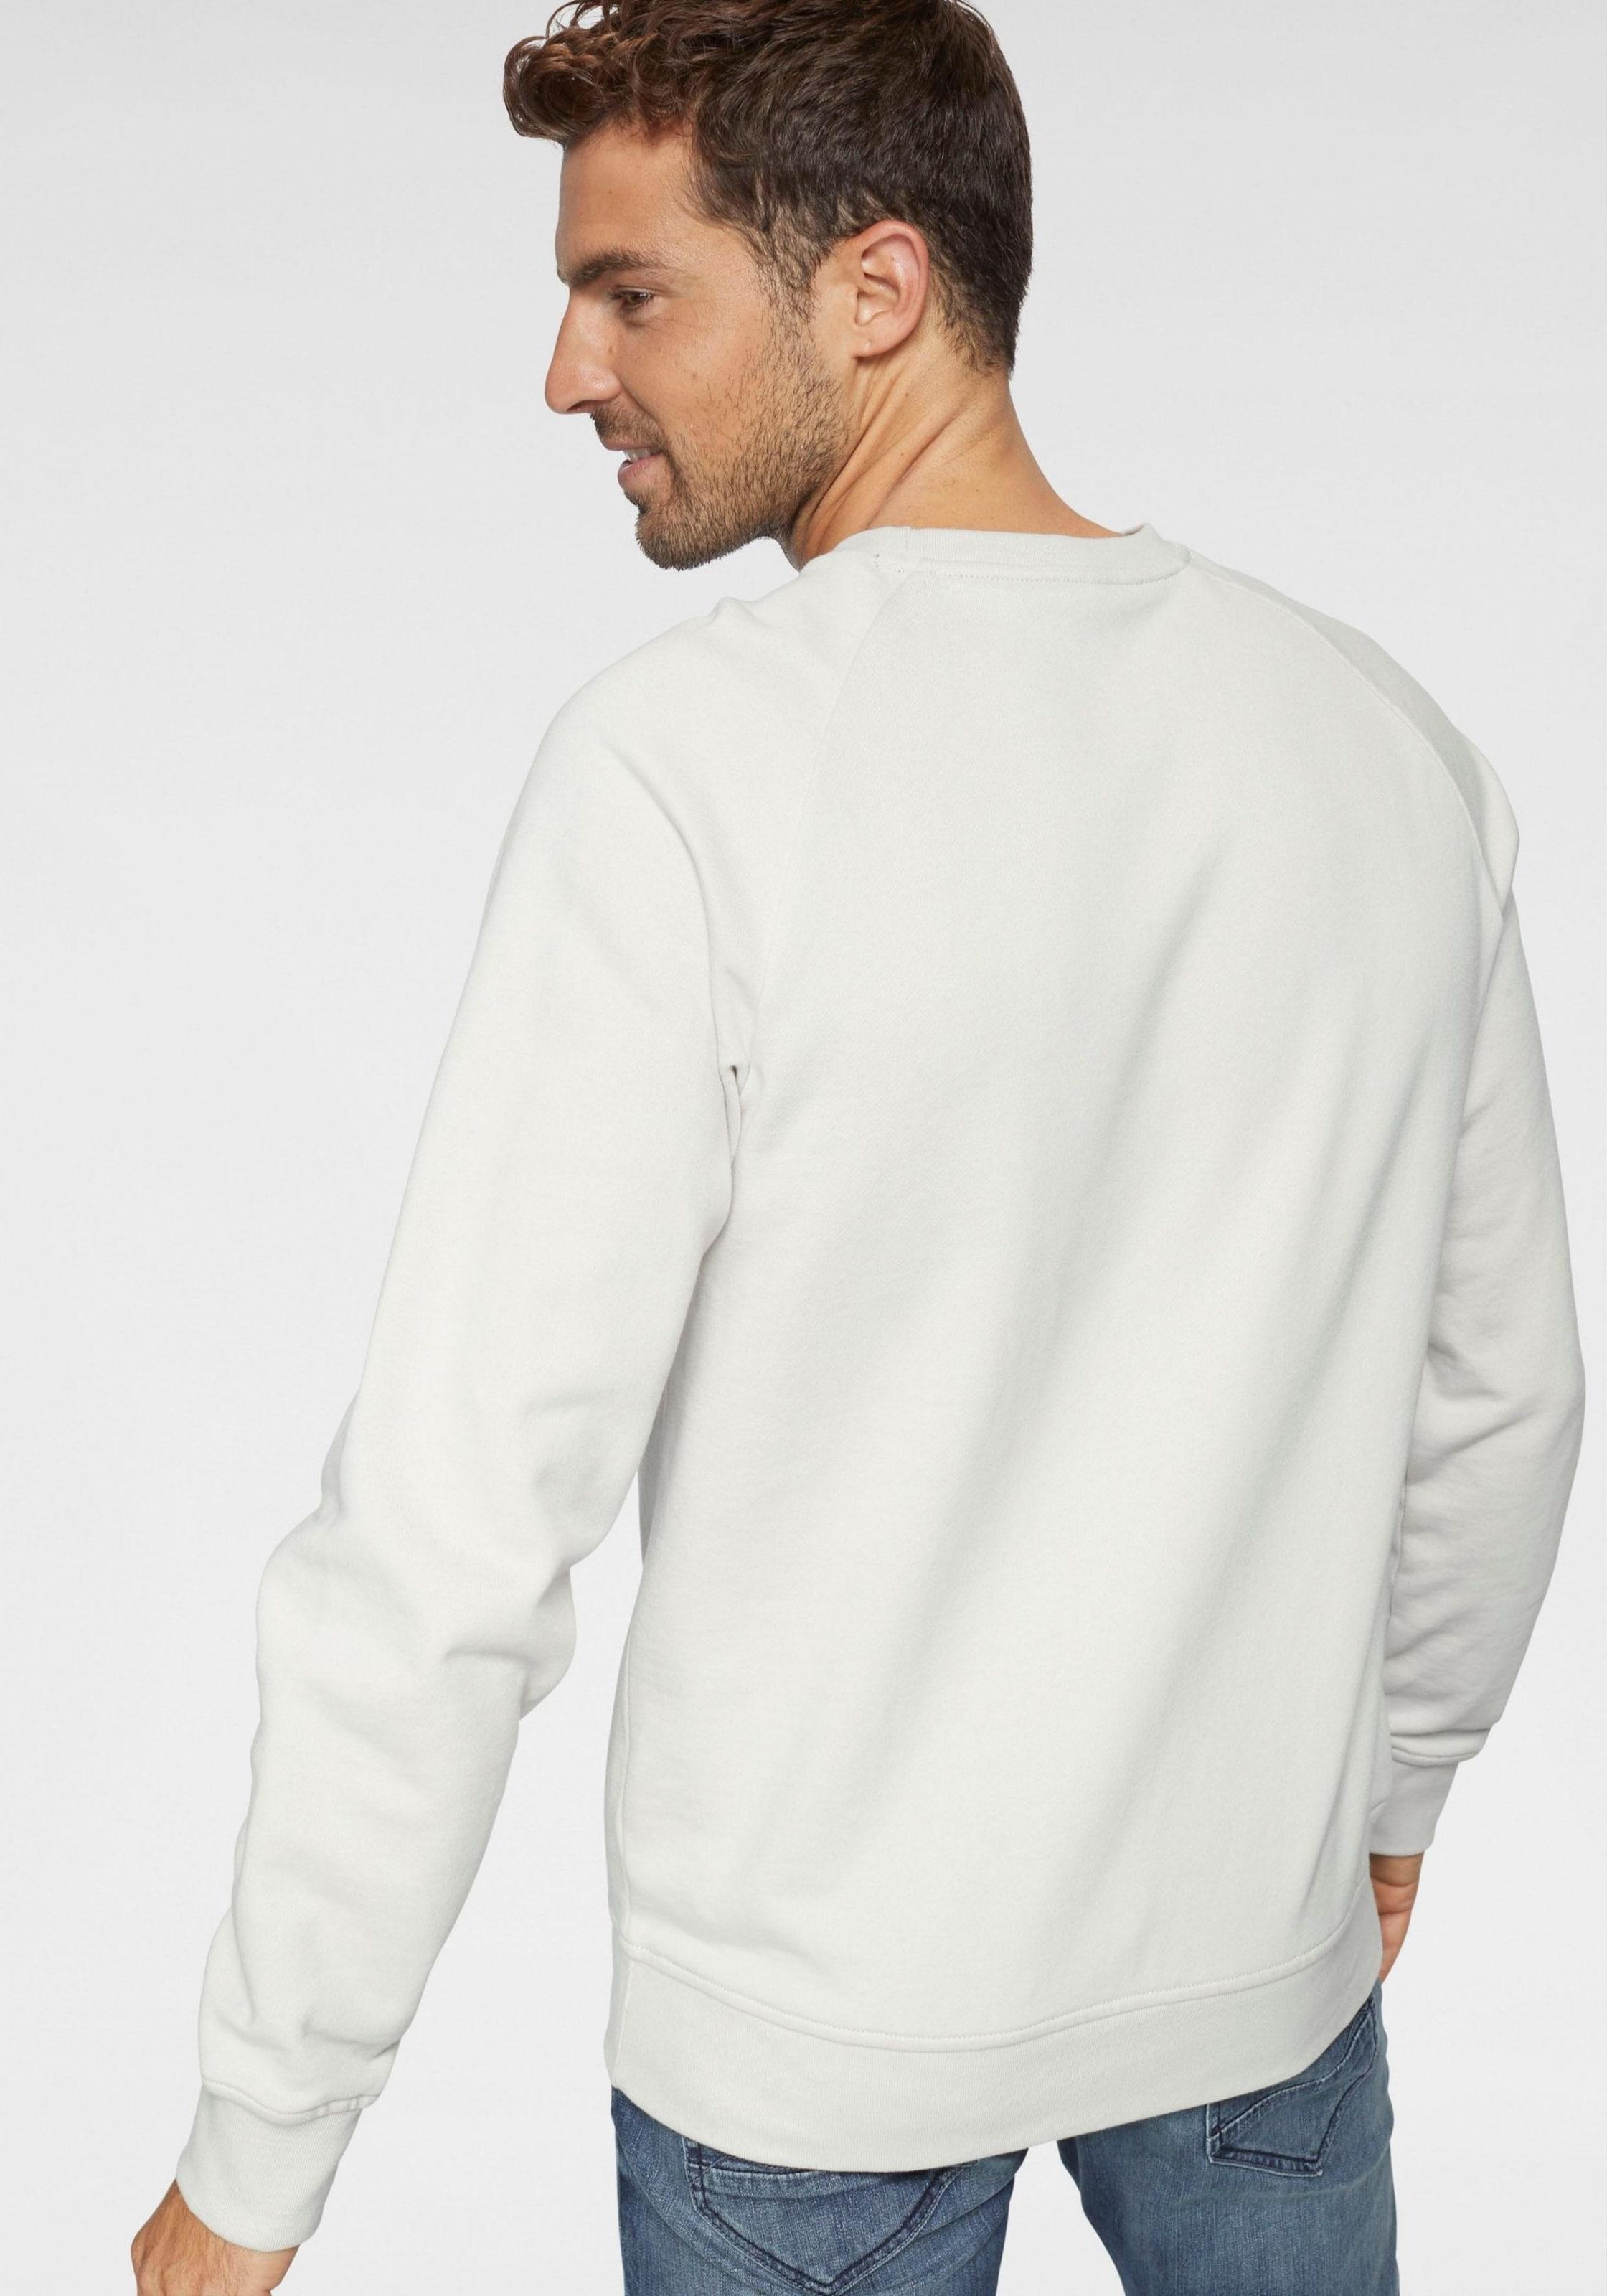 Sweatshirt Label Weiß Red In S oliver OuPkXZi